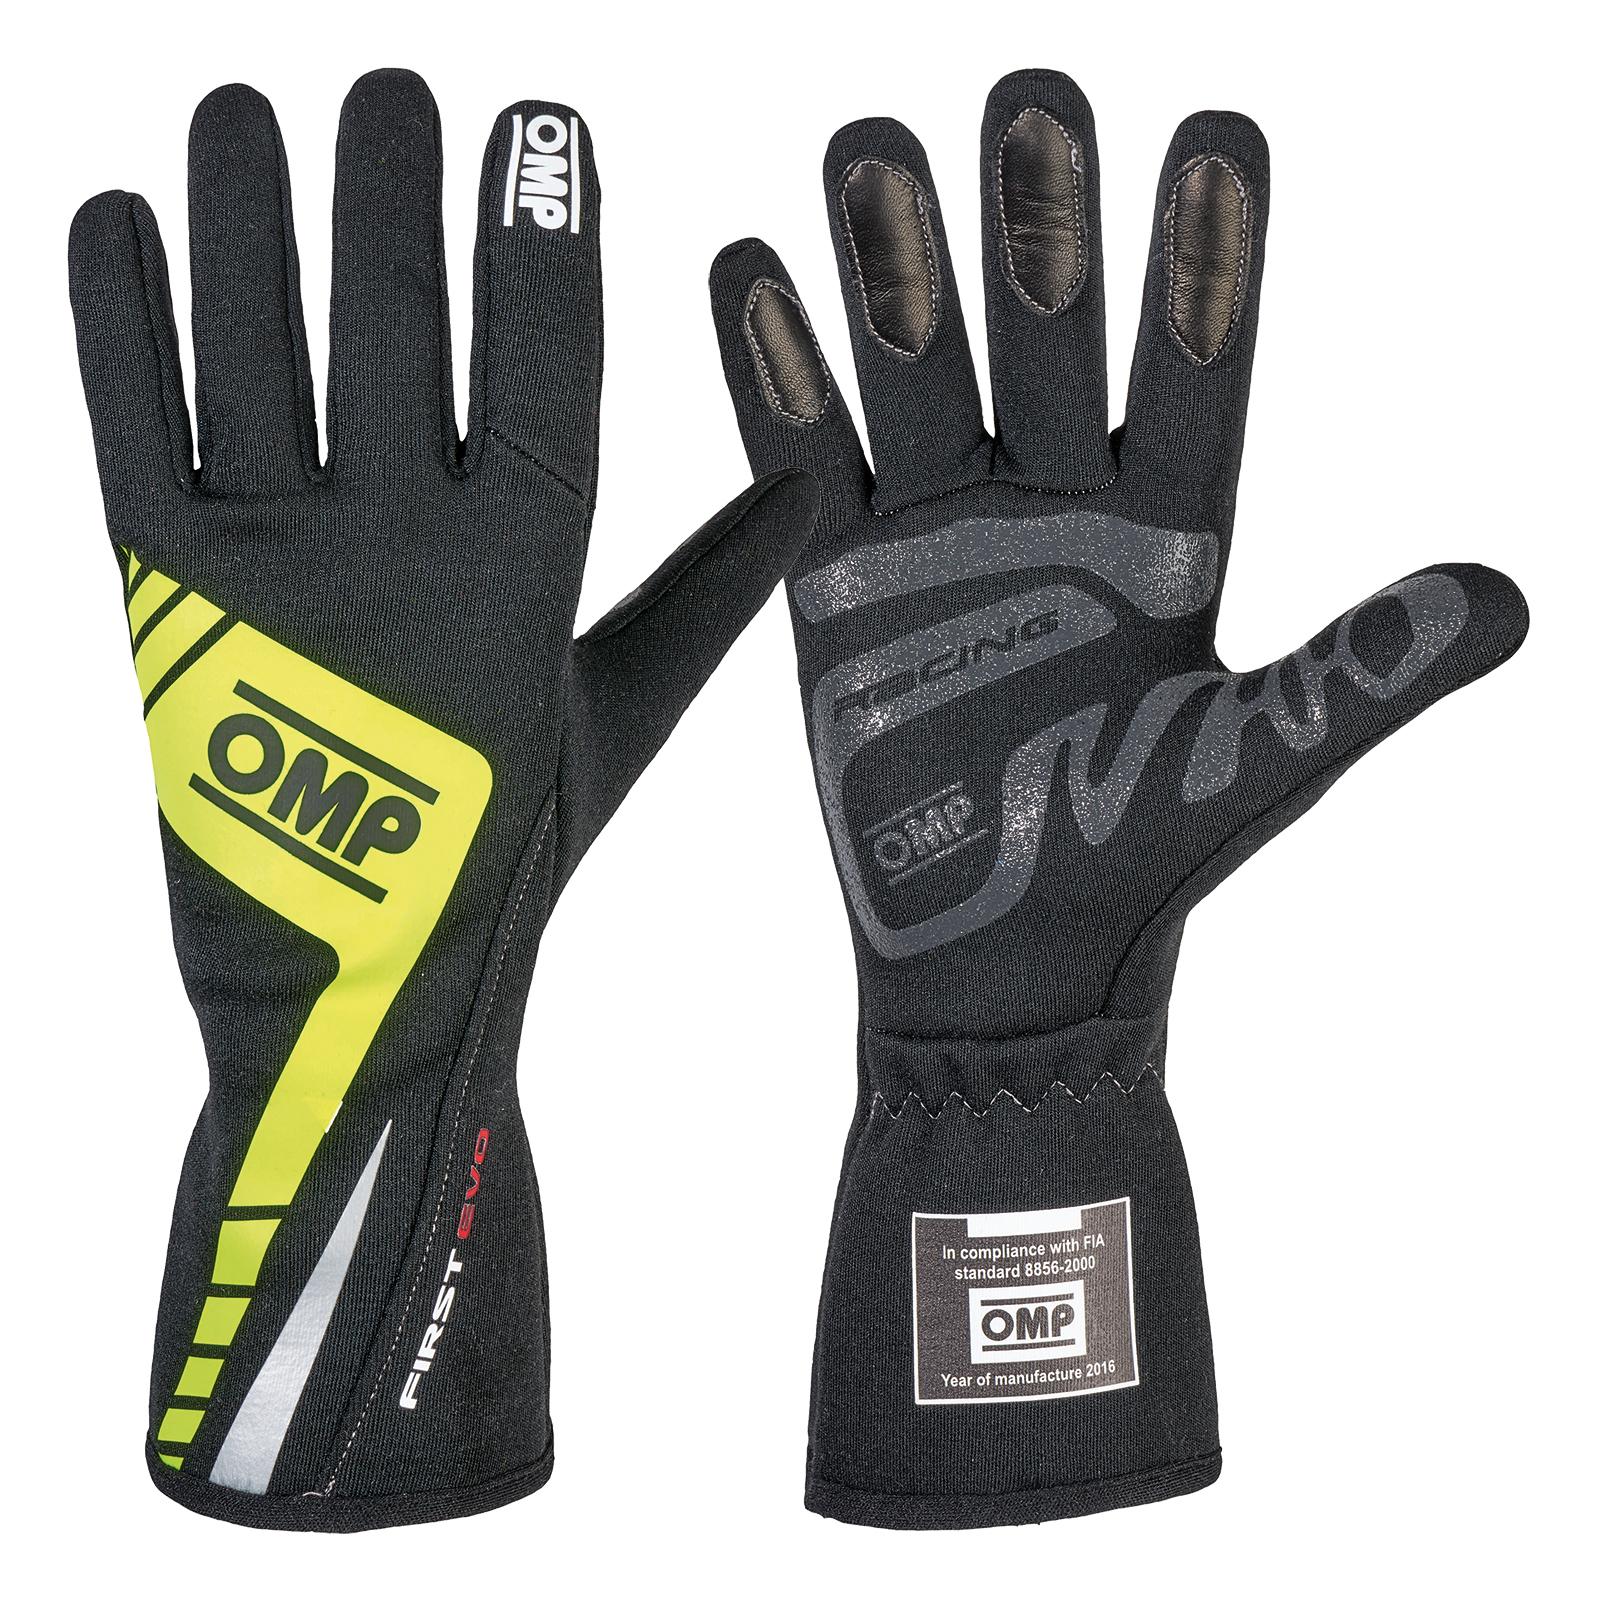 Omp First Evo Gloves Omp First Evo Racing Gloves Omp